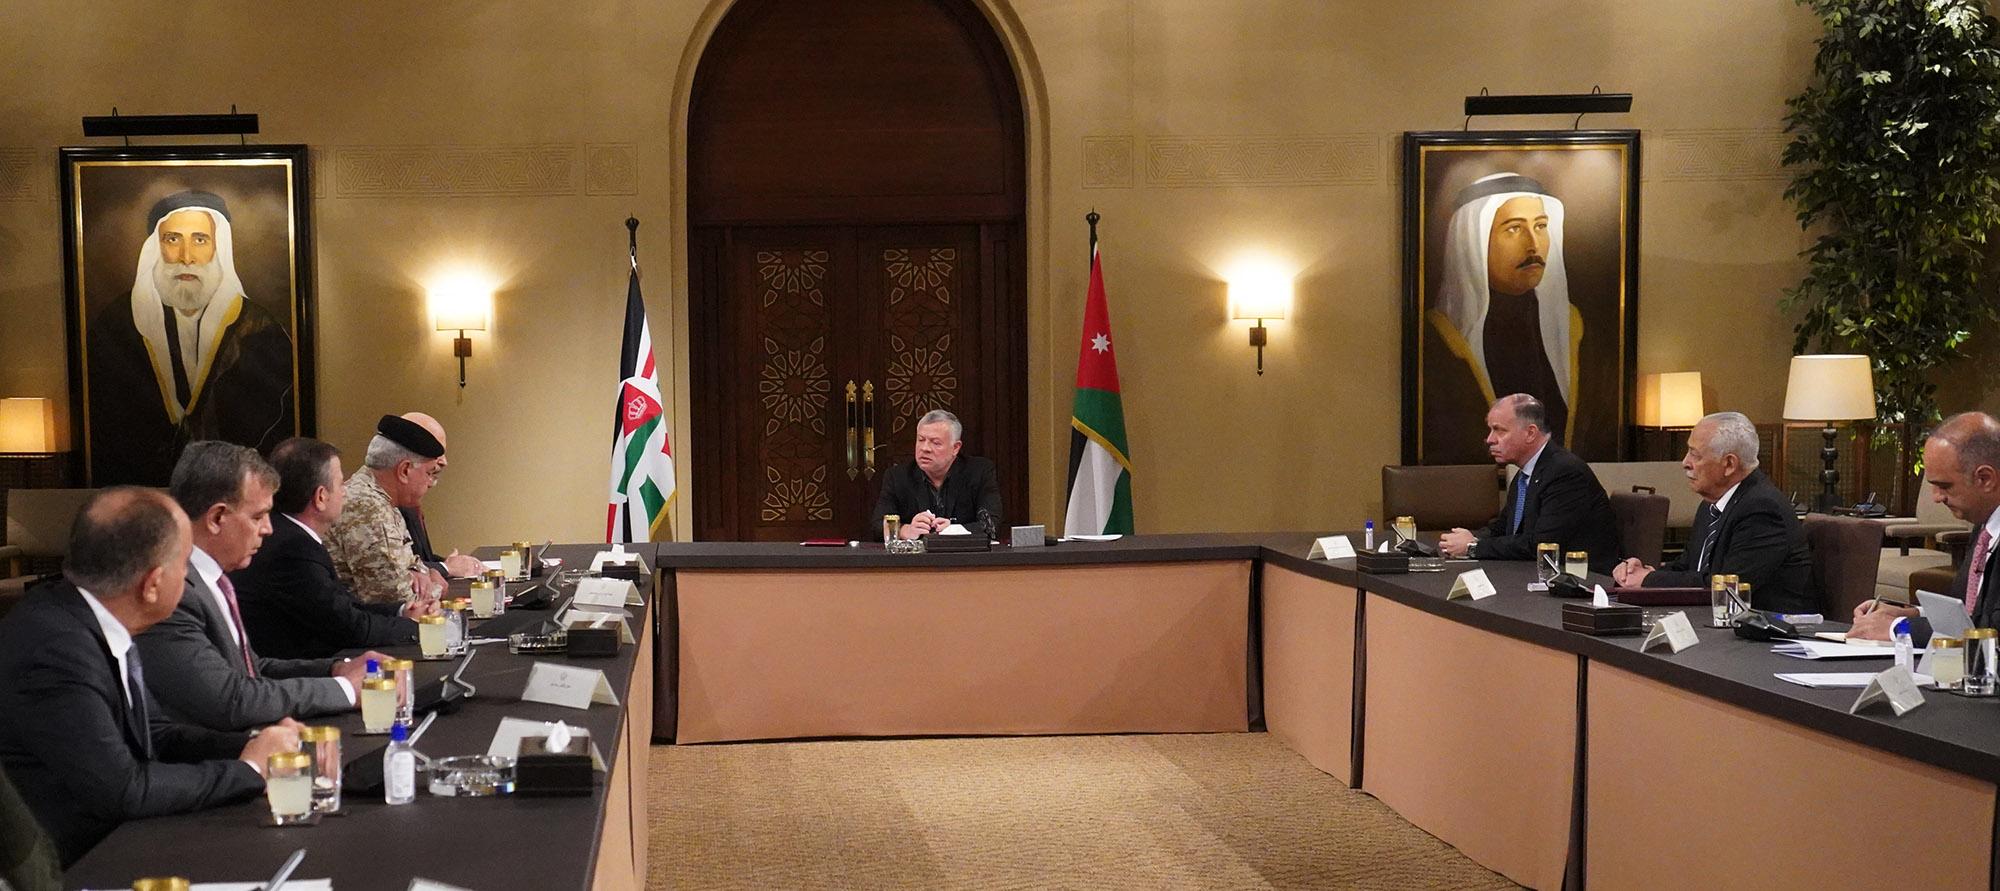 الملك يترأس اجتماعا لمتابعة إجراءات القطاع الصحي فيما يتعلق بفيروس كورونا المستجد